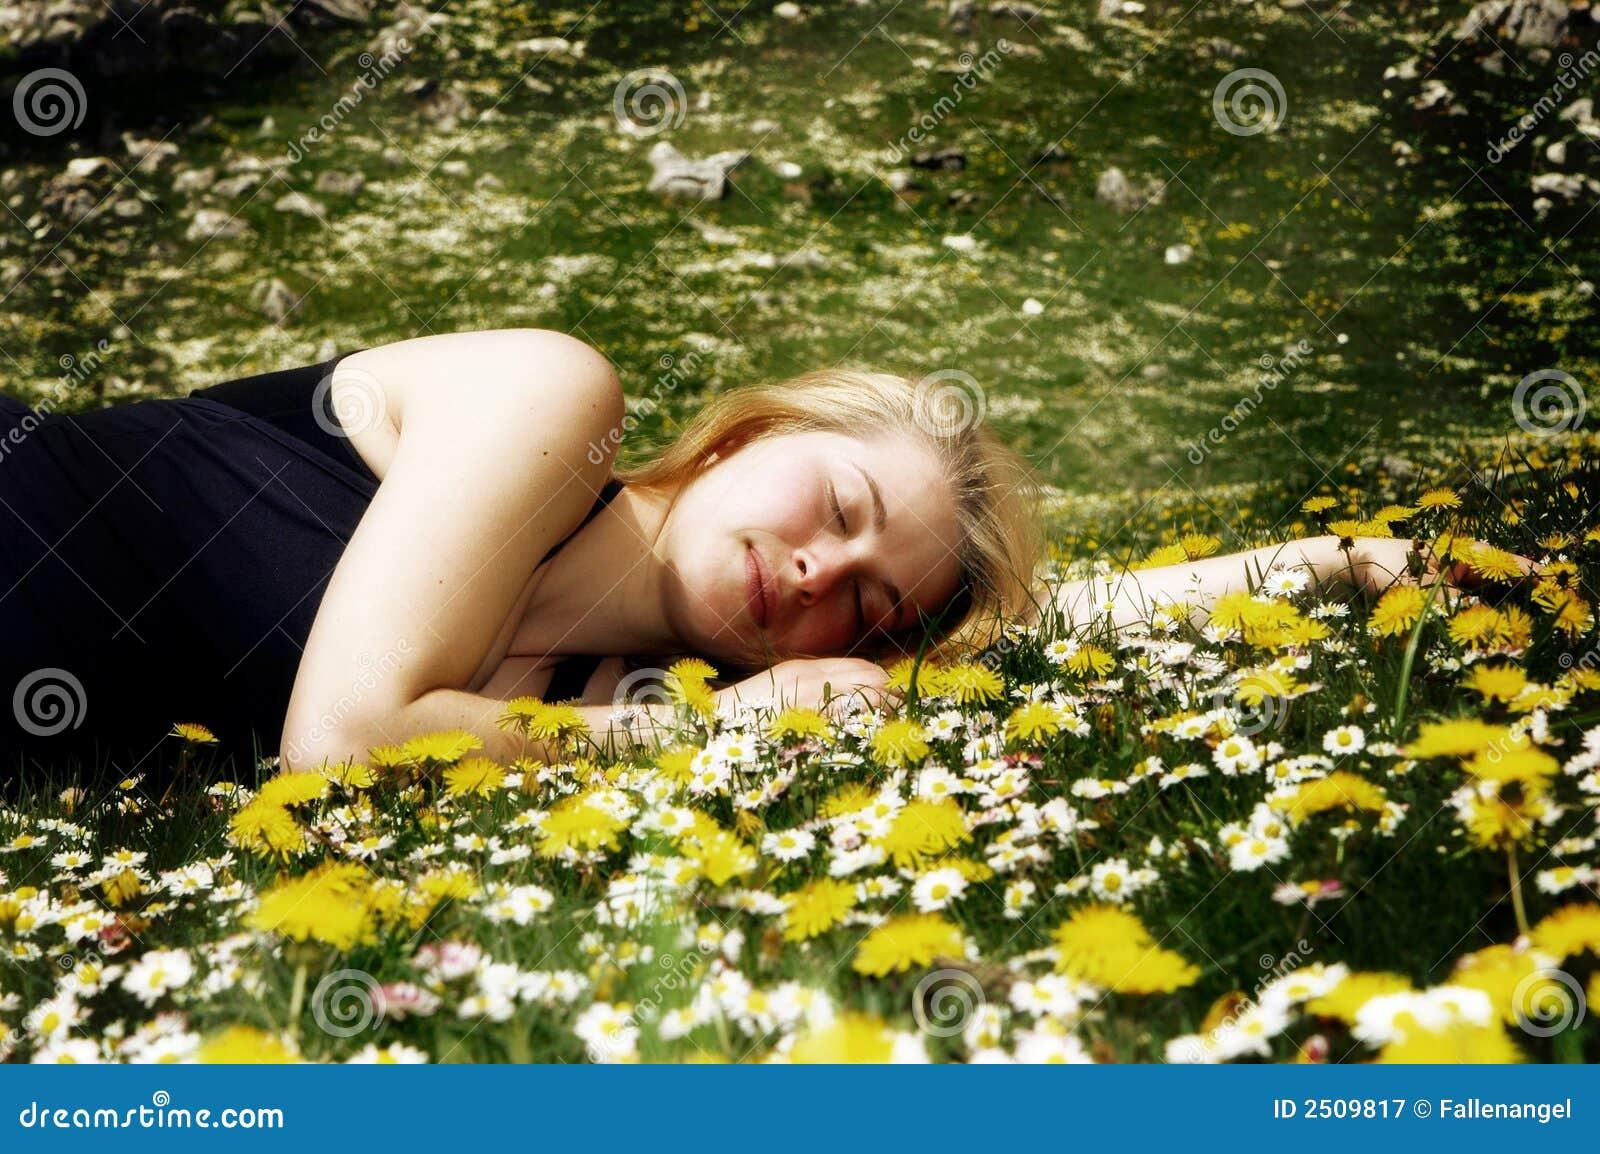 flores de jardim fotos:Jardim De Flores Fotografia de Stock Royalty Free – Imagem: 2509817